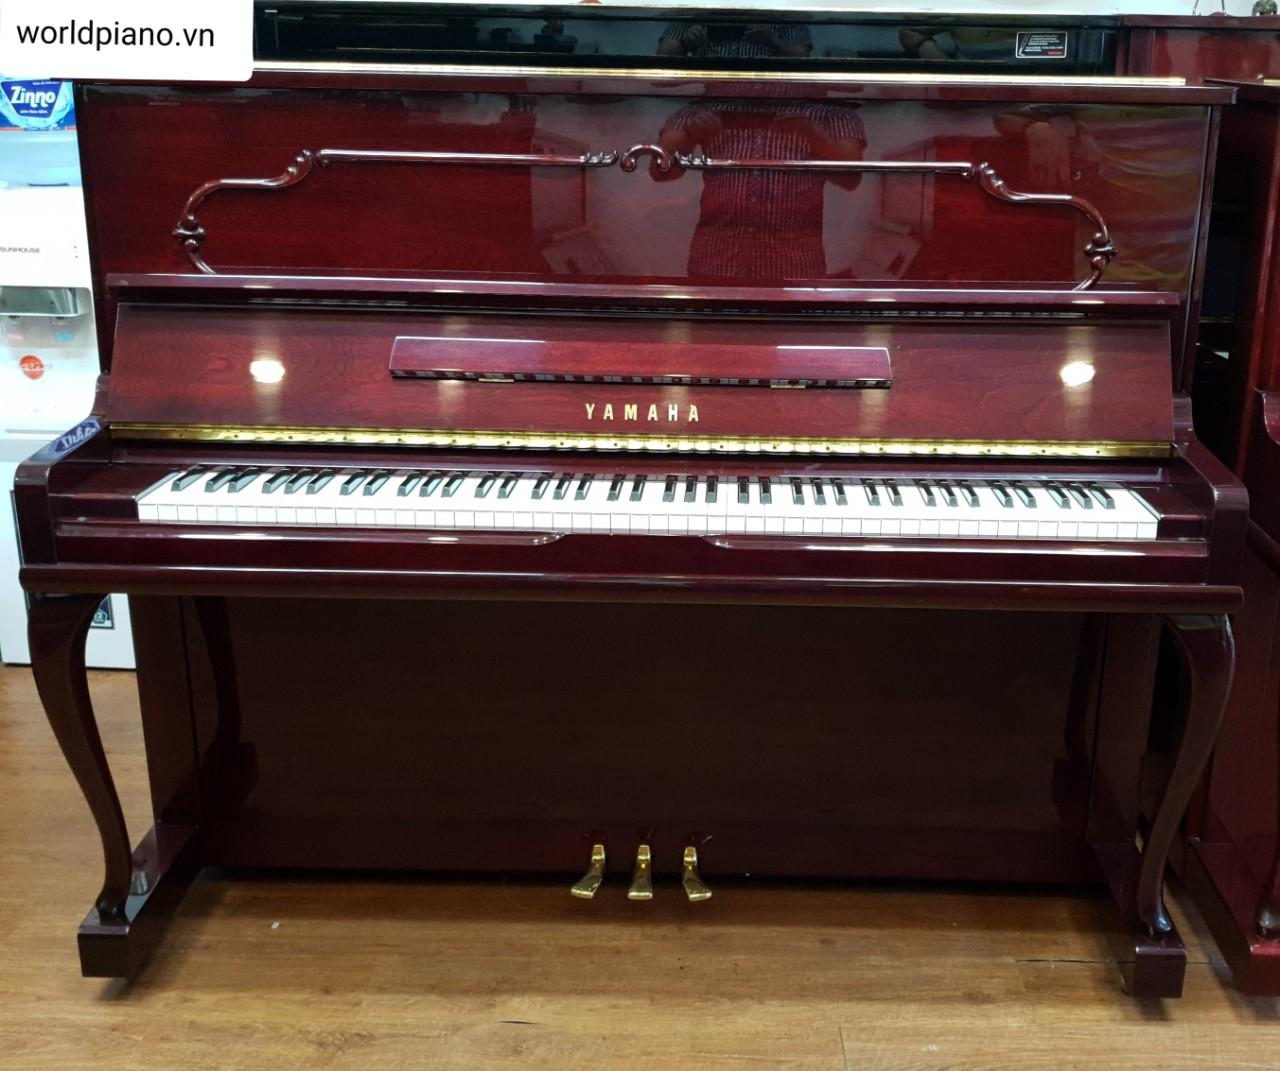 Lazada Ưu Đãi Khi Mua Đàn Piano Cơ Yamaha W1ABiC, 5066599